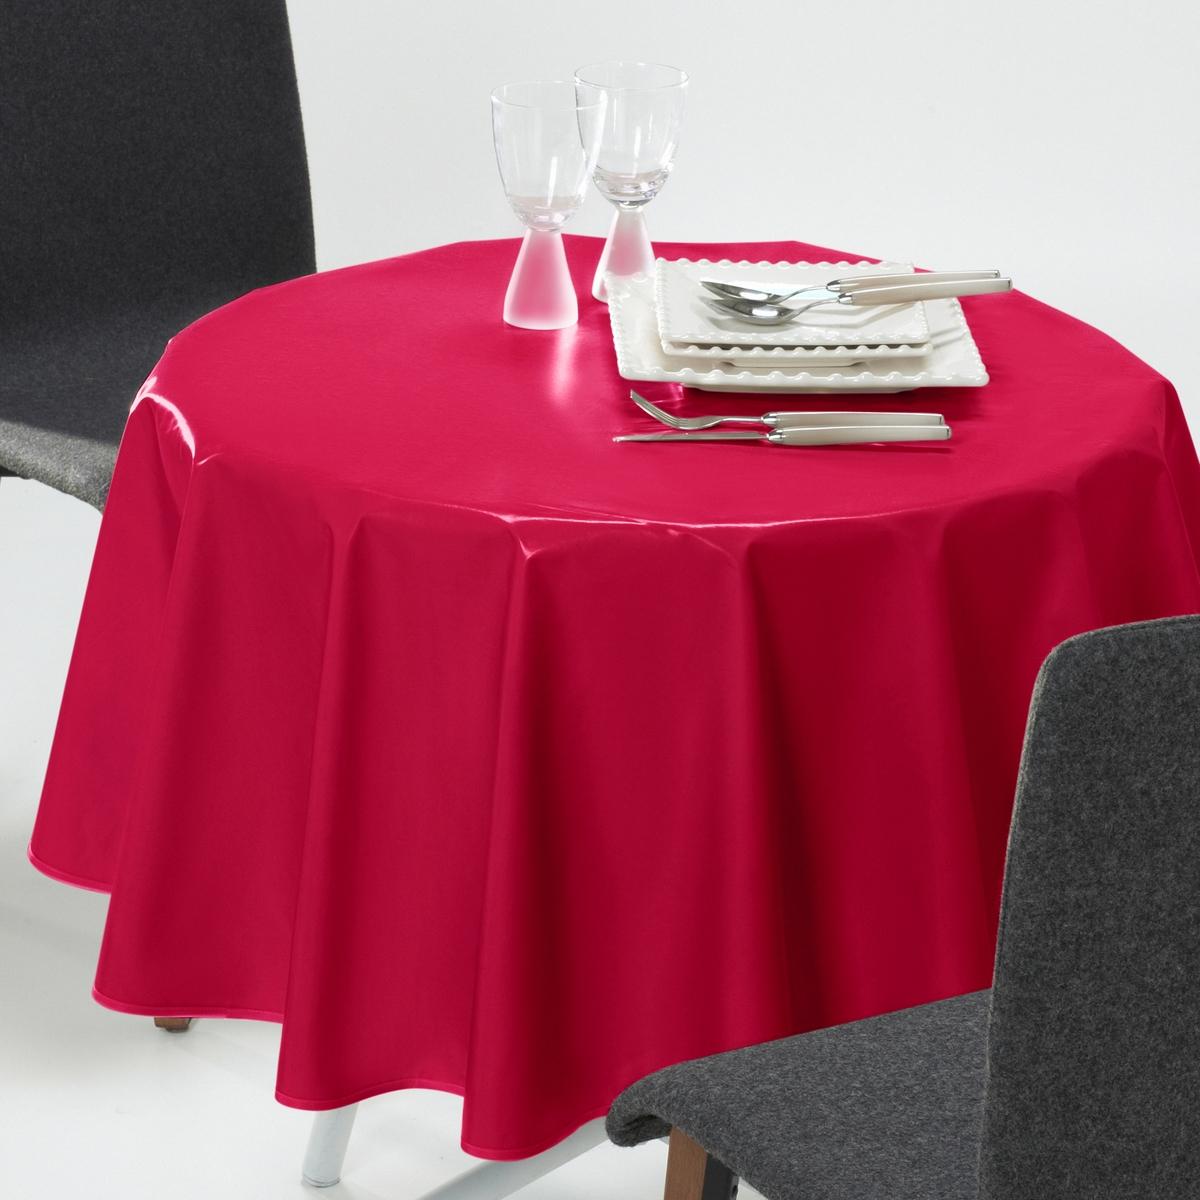 Скатерть однотонная Sc?nario из ПВХХарактеристики однотонной скатерти Sc?nario из ПВХ :Вощеная ткань 90% ПВХ, 10% полиэстера.Отделка бейкой..Откройте для себя всю коллекцию текстиля для столовой и все расцветки коллекции Sc?nario на сайте laredoute.ru.<br><br>Цвет: красный,серый